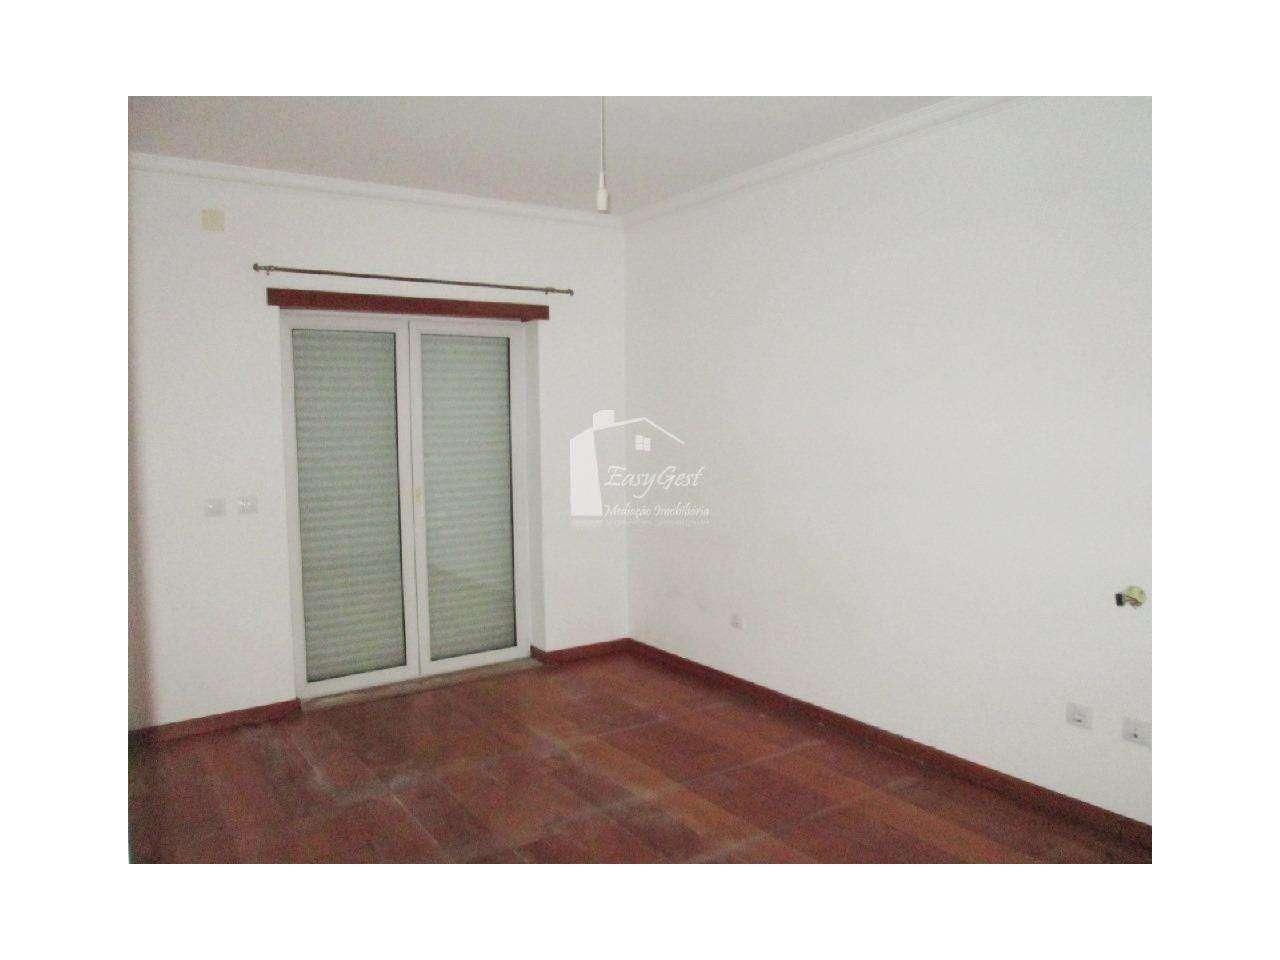 Apartamento para comprar, Pataias e Martingança, Leiria - Foto 5